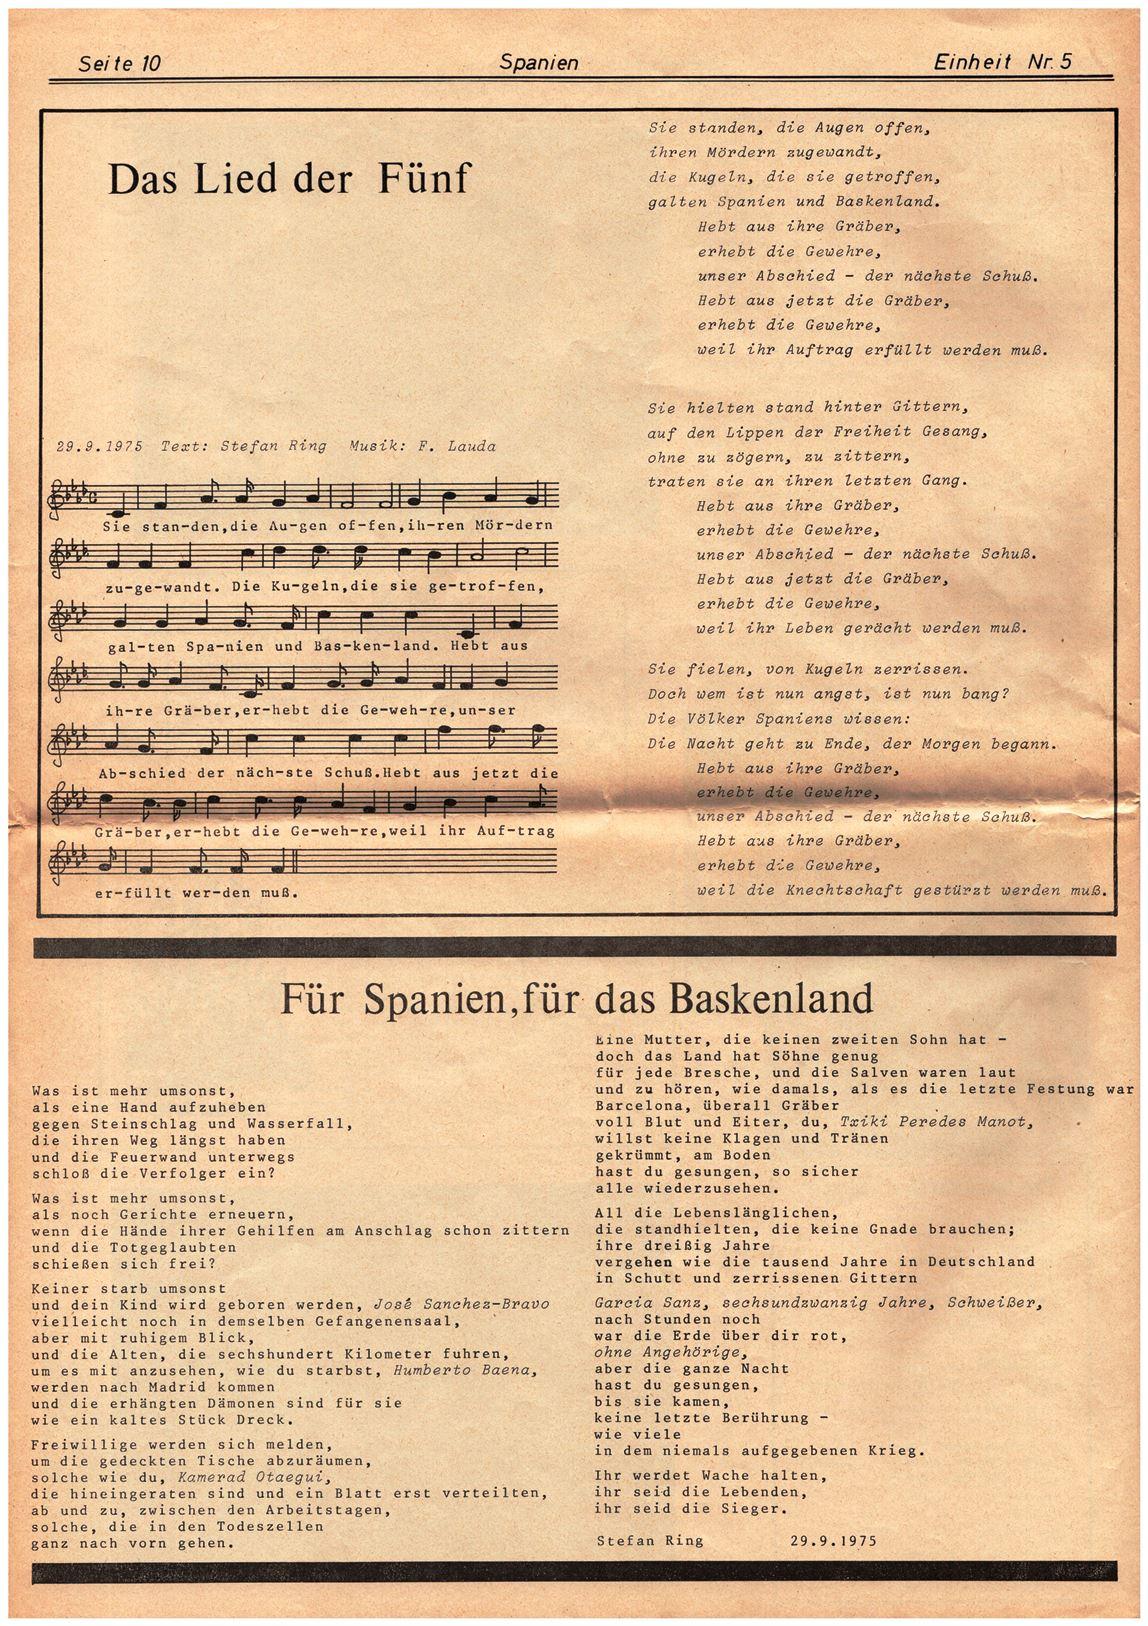 Koeln_IPdA_Einheit_1975_005_010